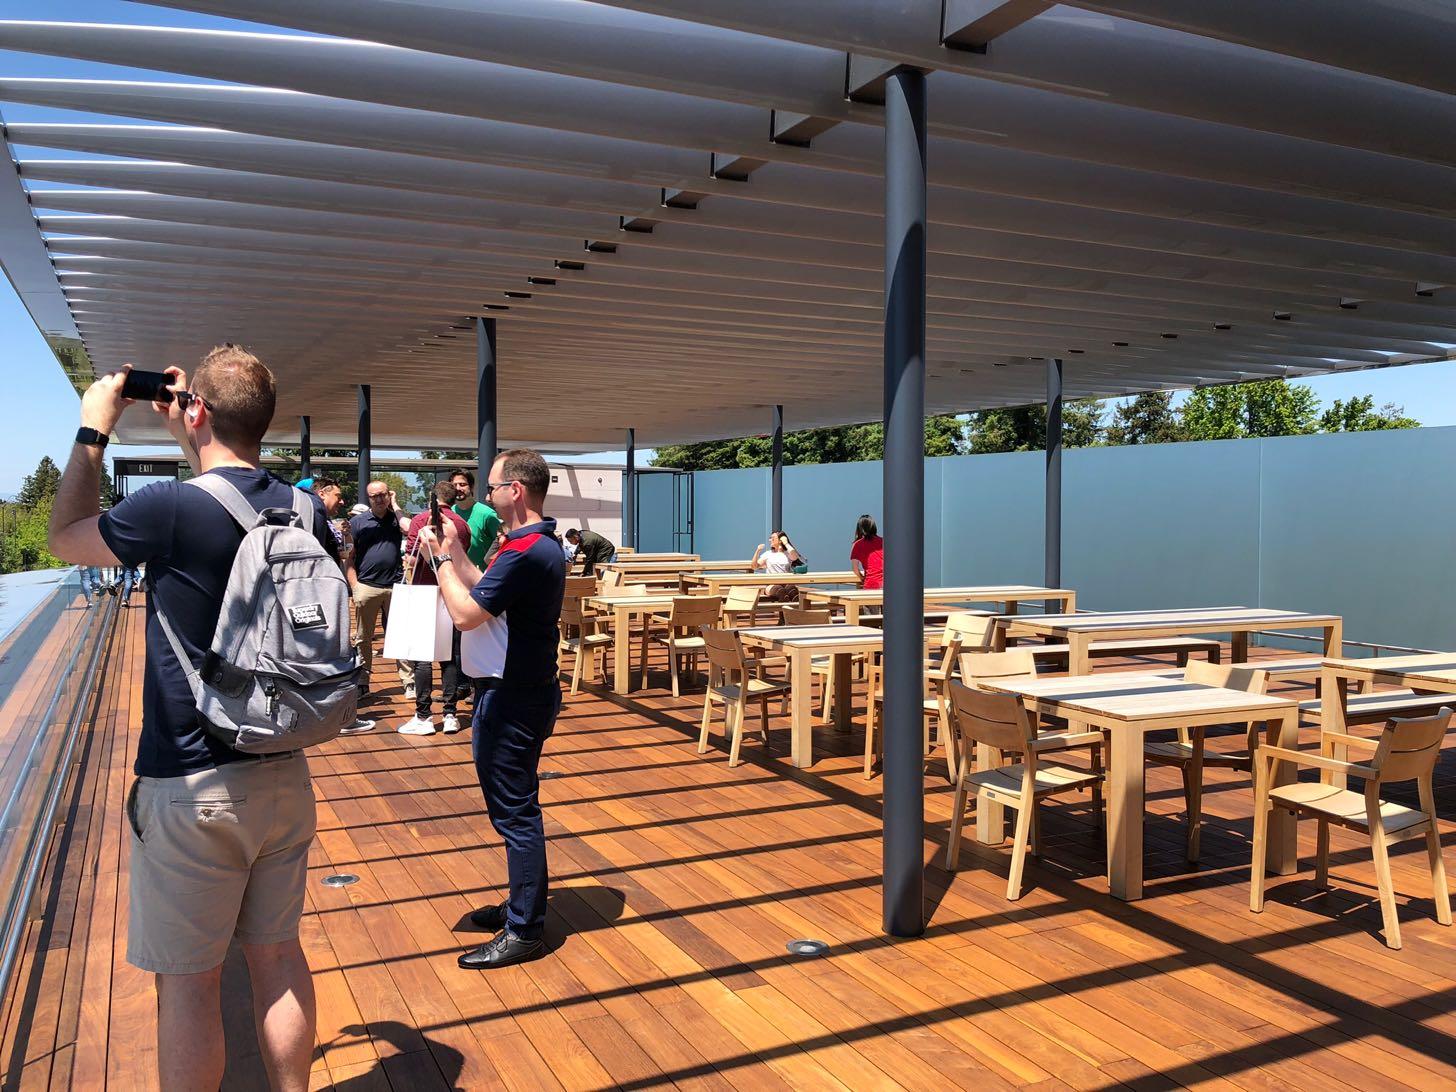 Apple Parkビジターセンターの屋上